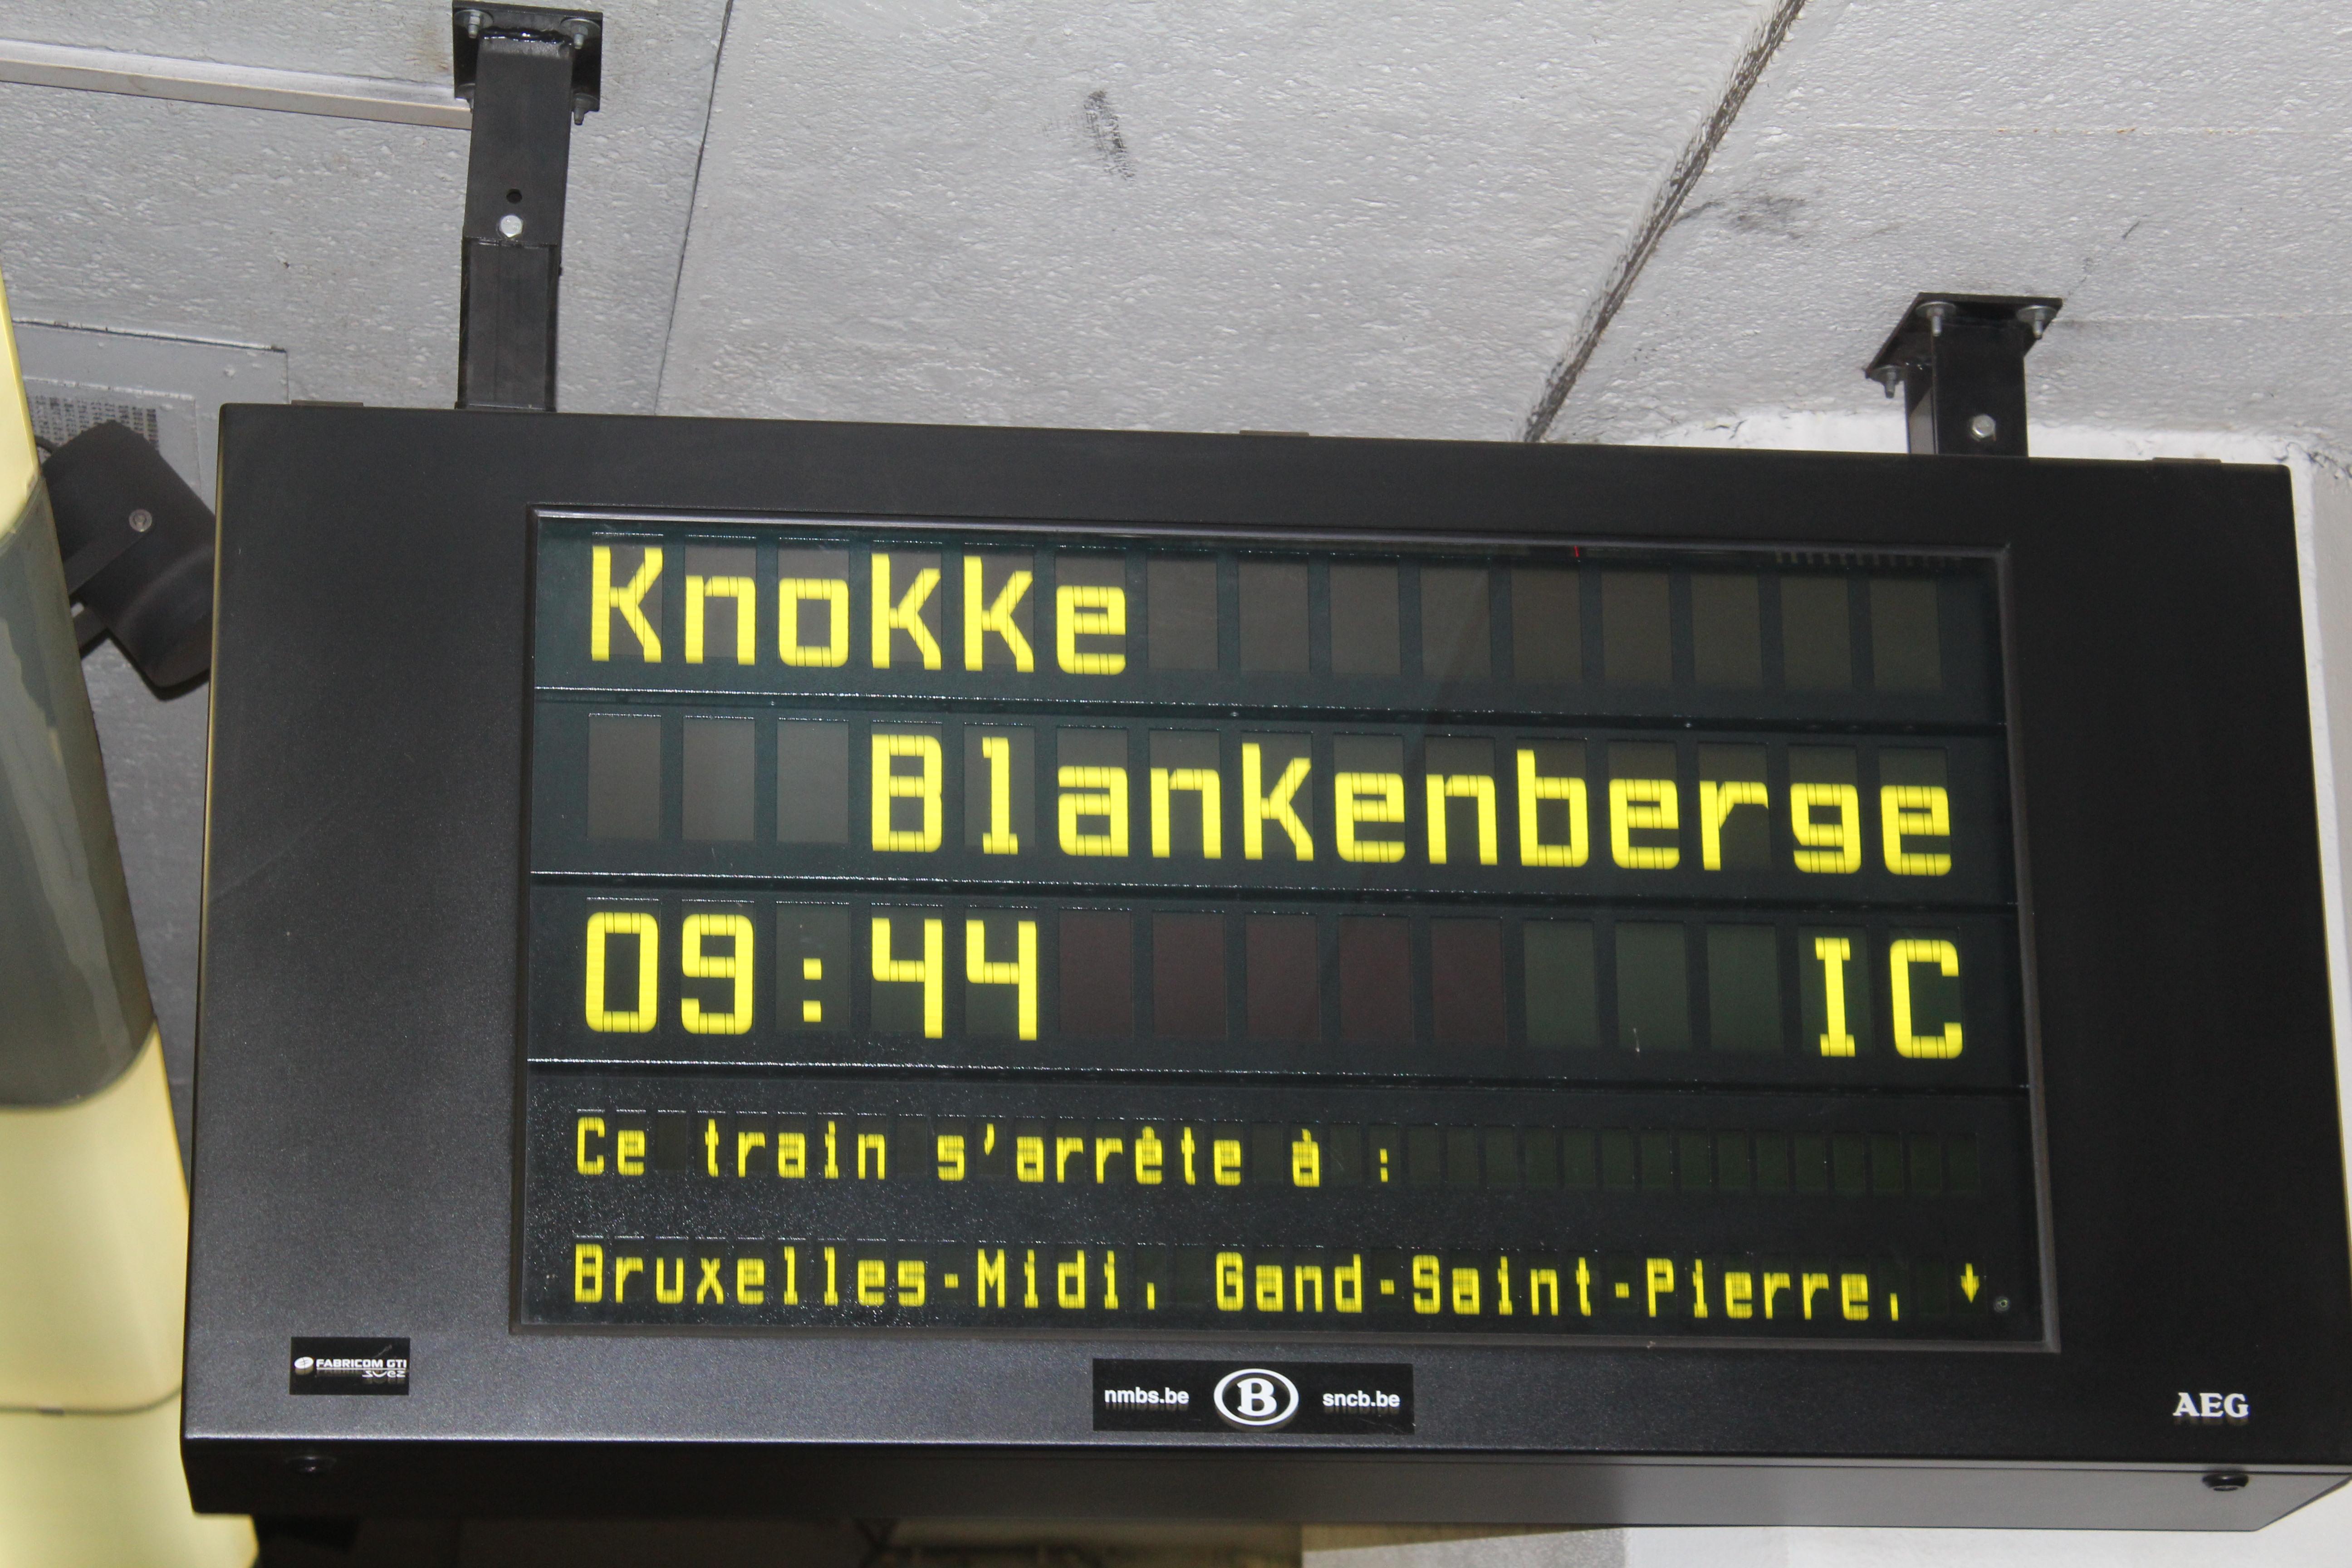 Knokke Blankenberge